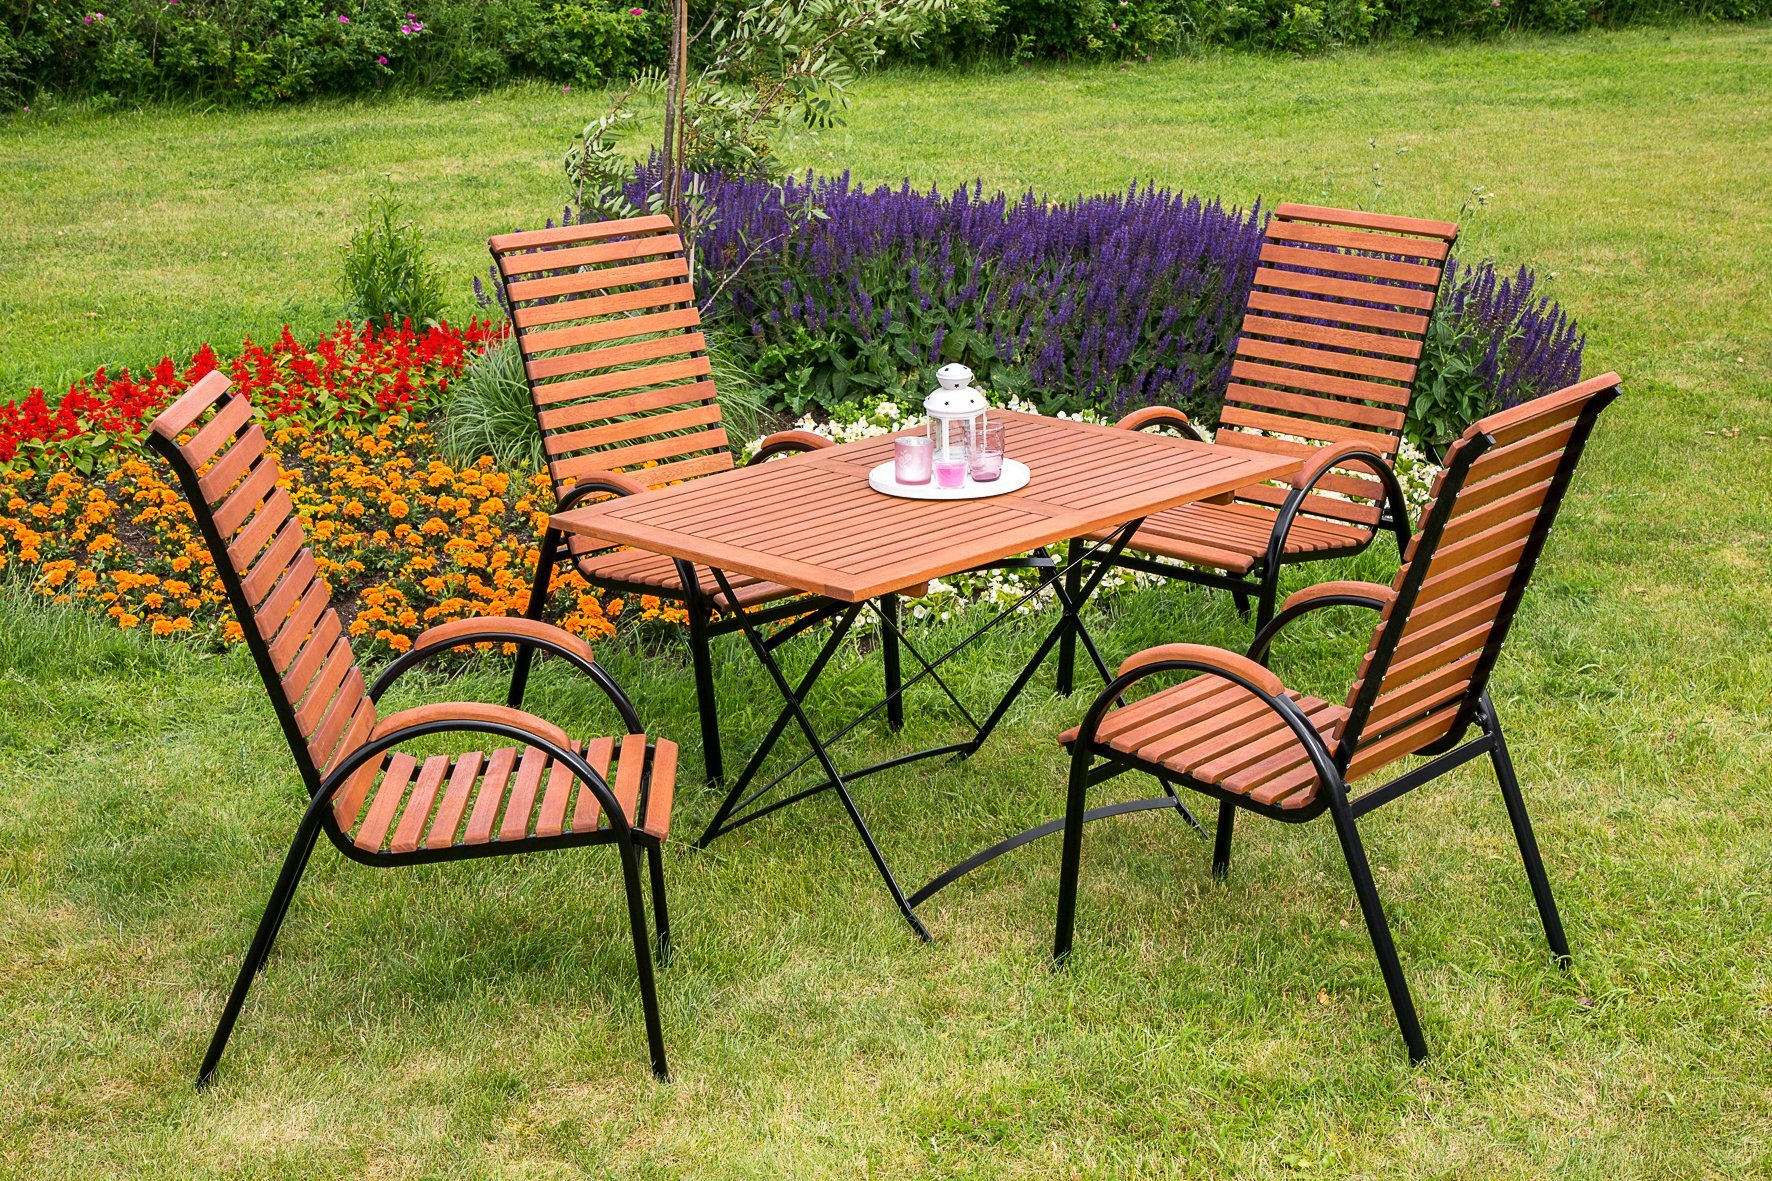 MERXX Gartenmöbelset »Schloßgarten«, 5tlg., 4 Sessel, Tisch, stapelbar, klappbar, Eukalyptus | Garten | MERXX